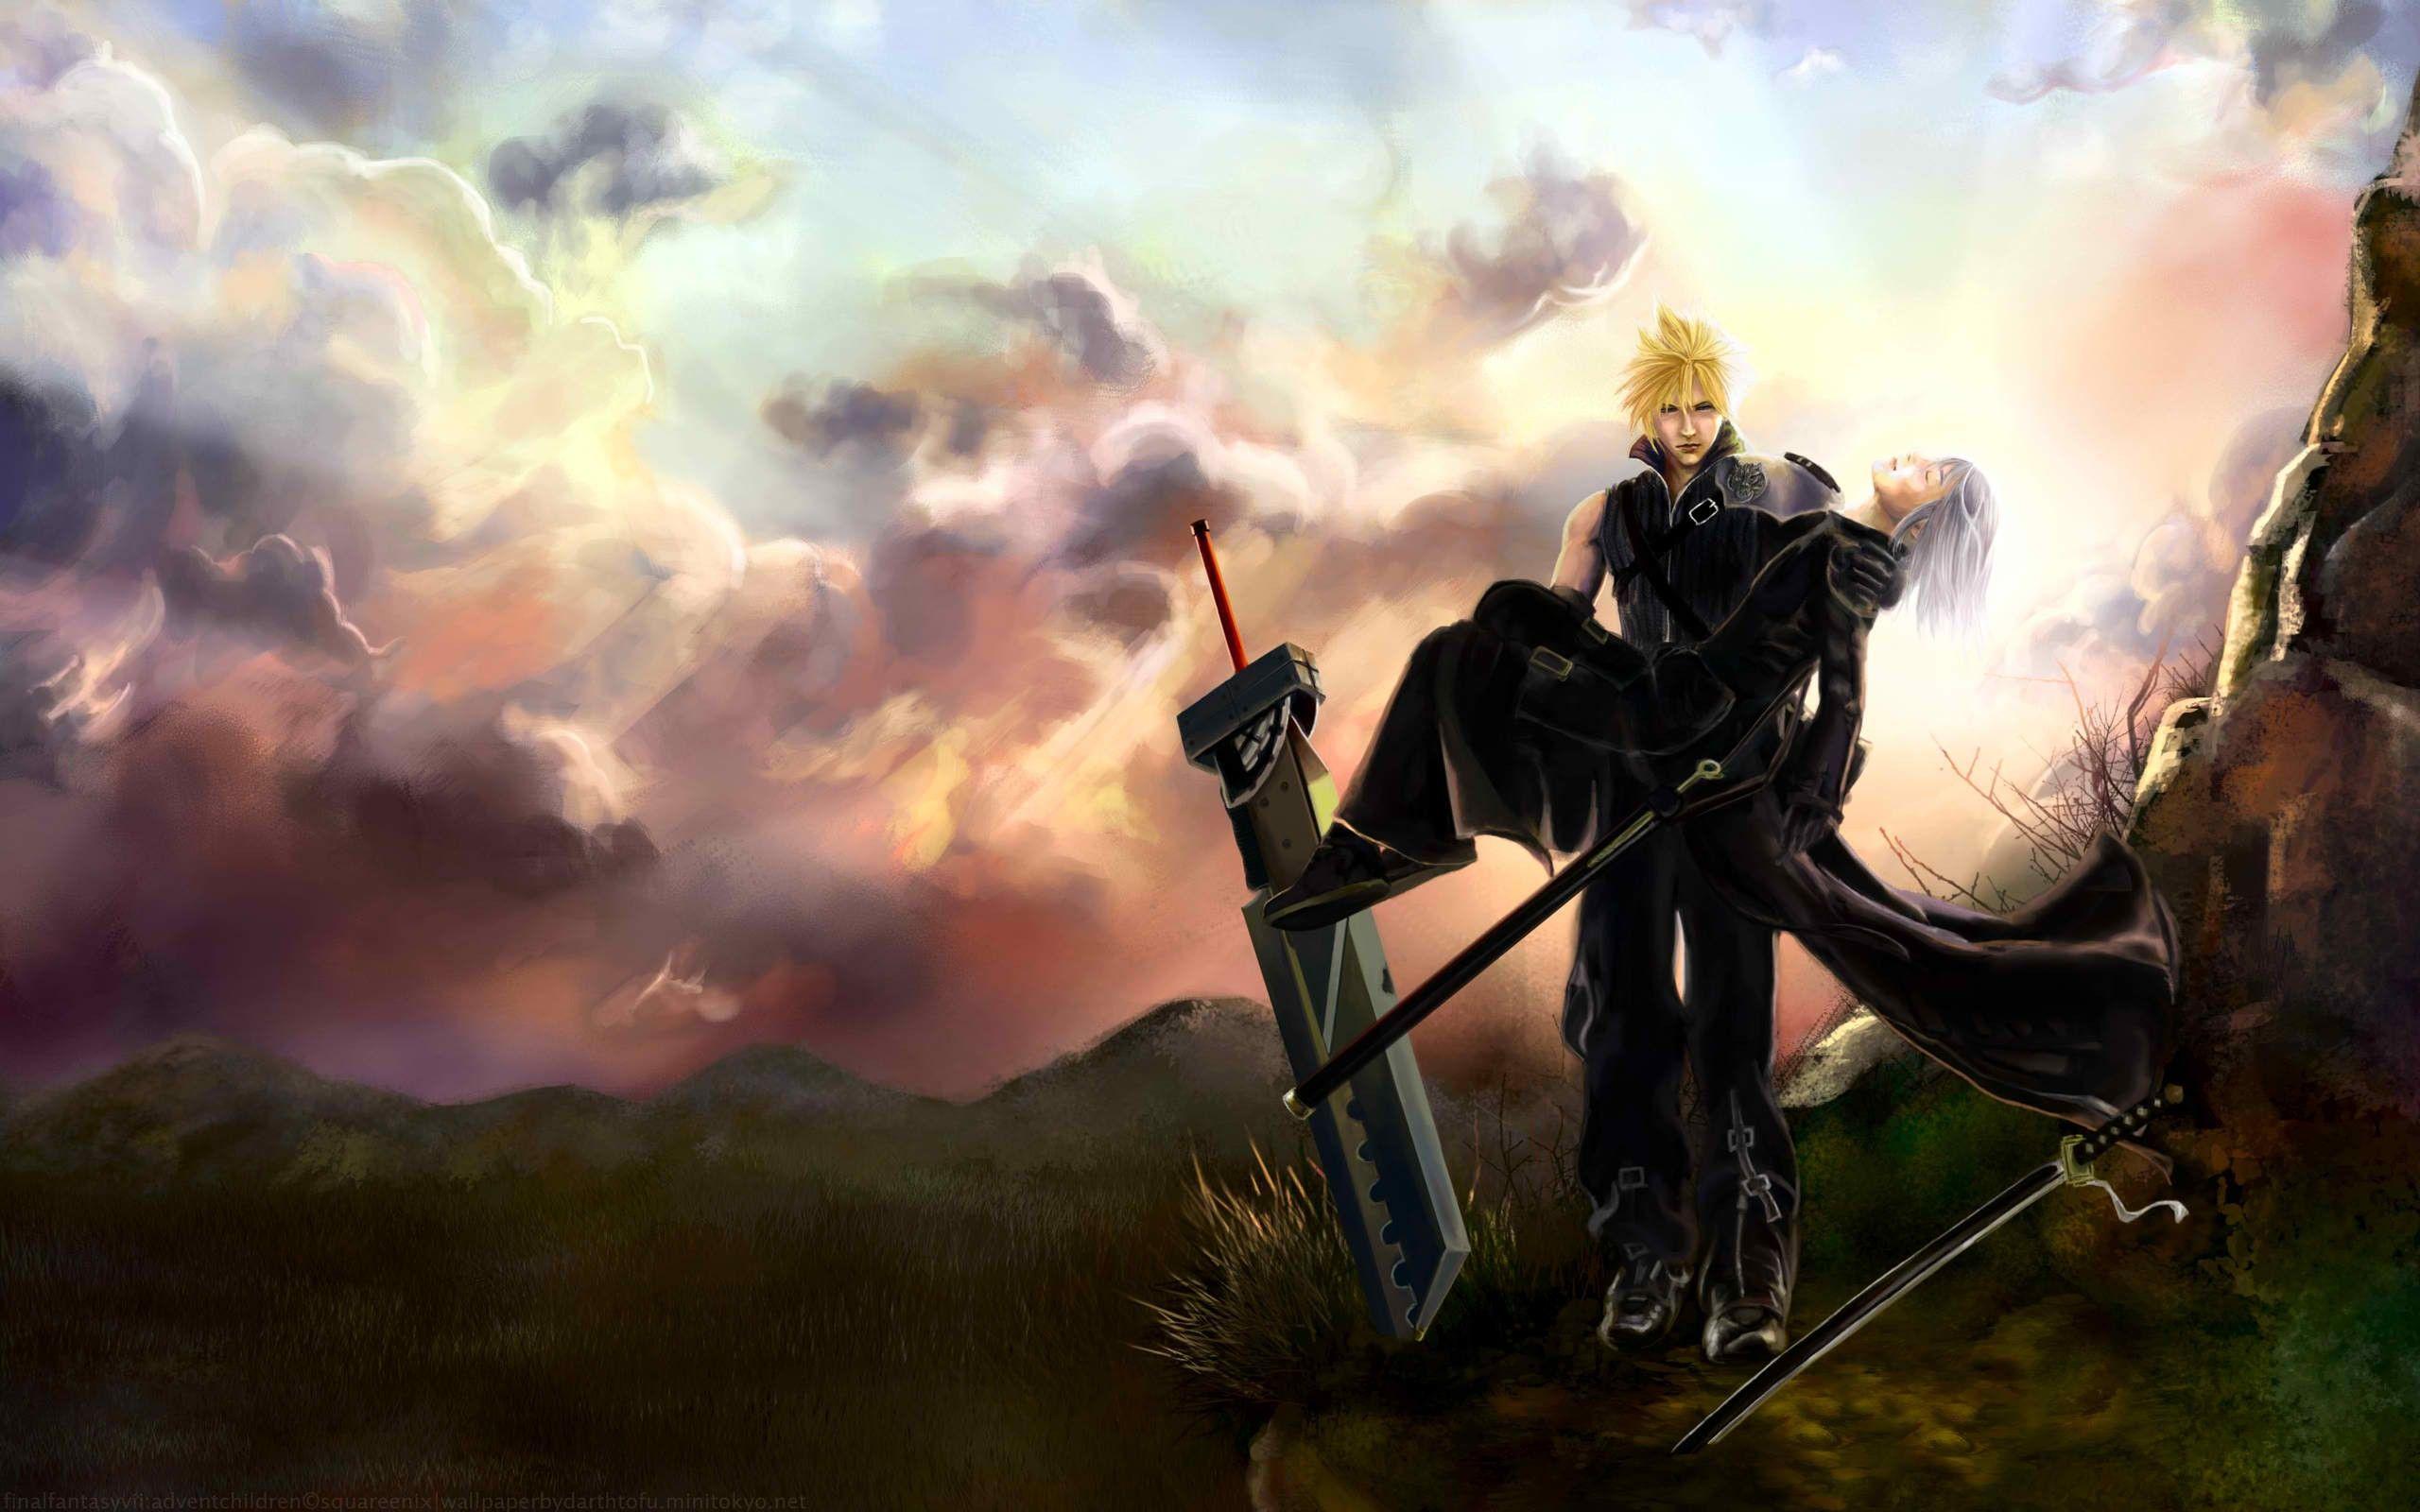 Unduh 9300 Koleksi Wallpaper Final Fantasy Untuk Android HD Terbaru